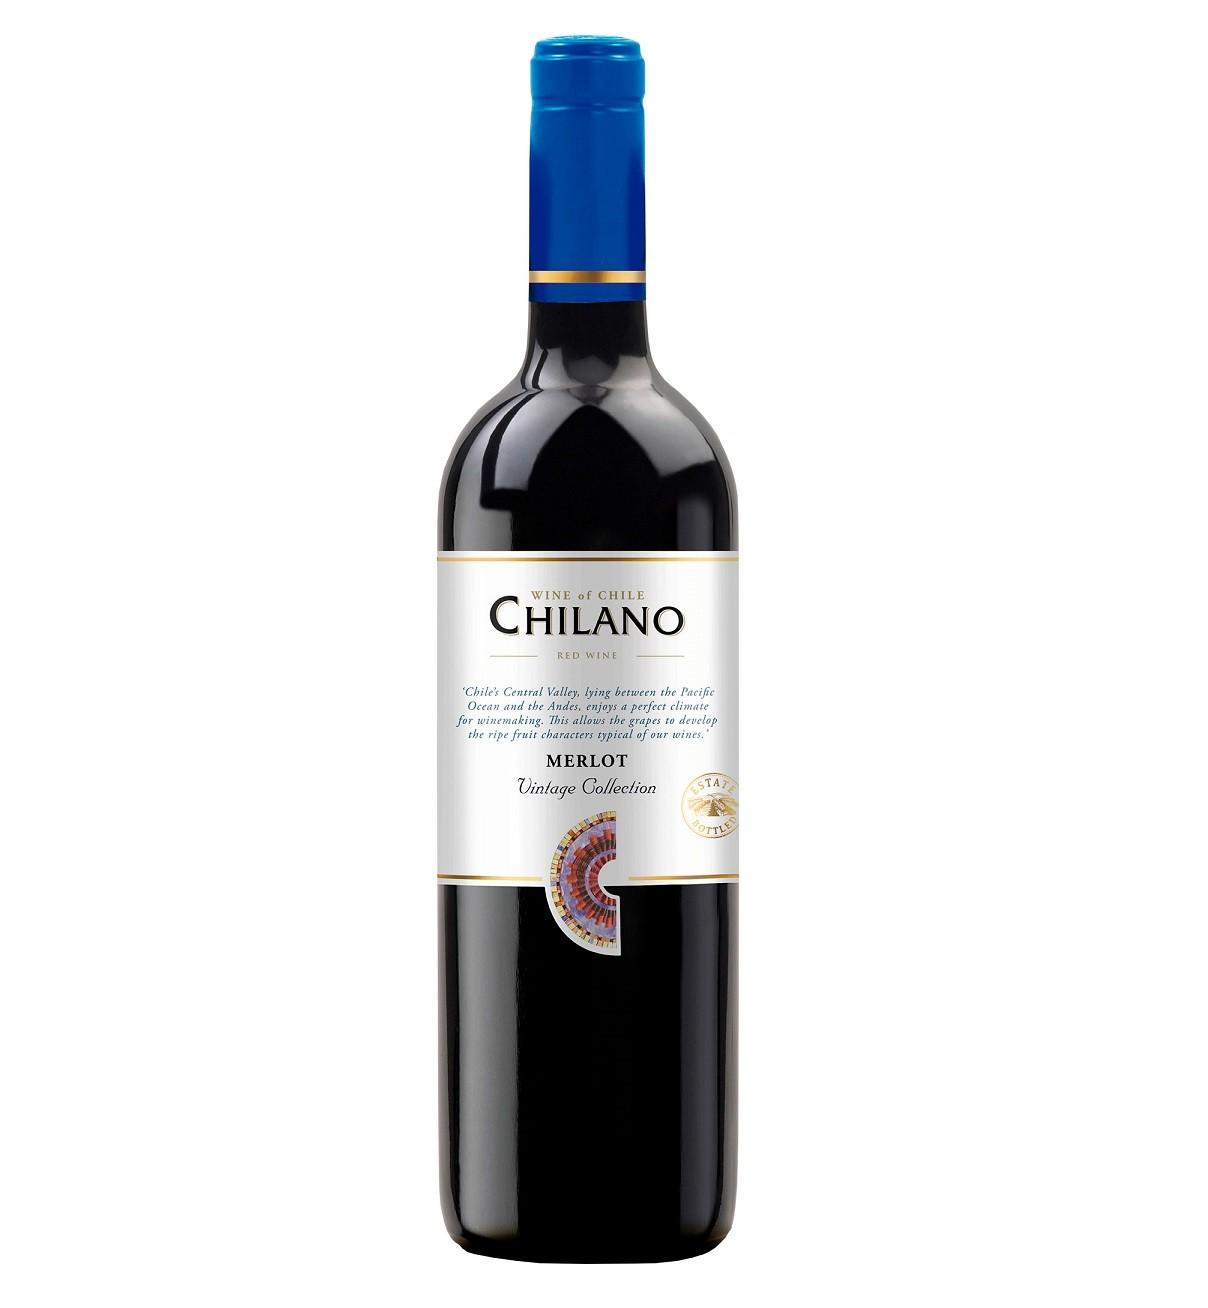 VINHO CHIL. CHILANO TTO. MERLOT 750ML